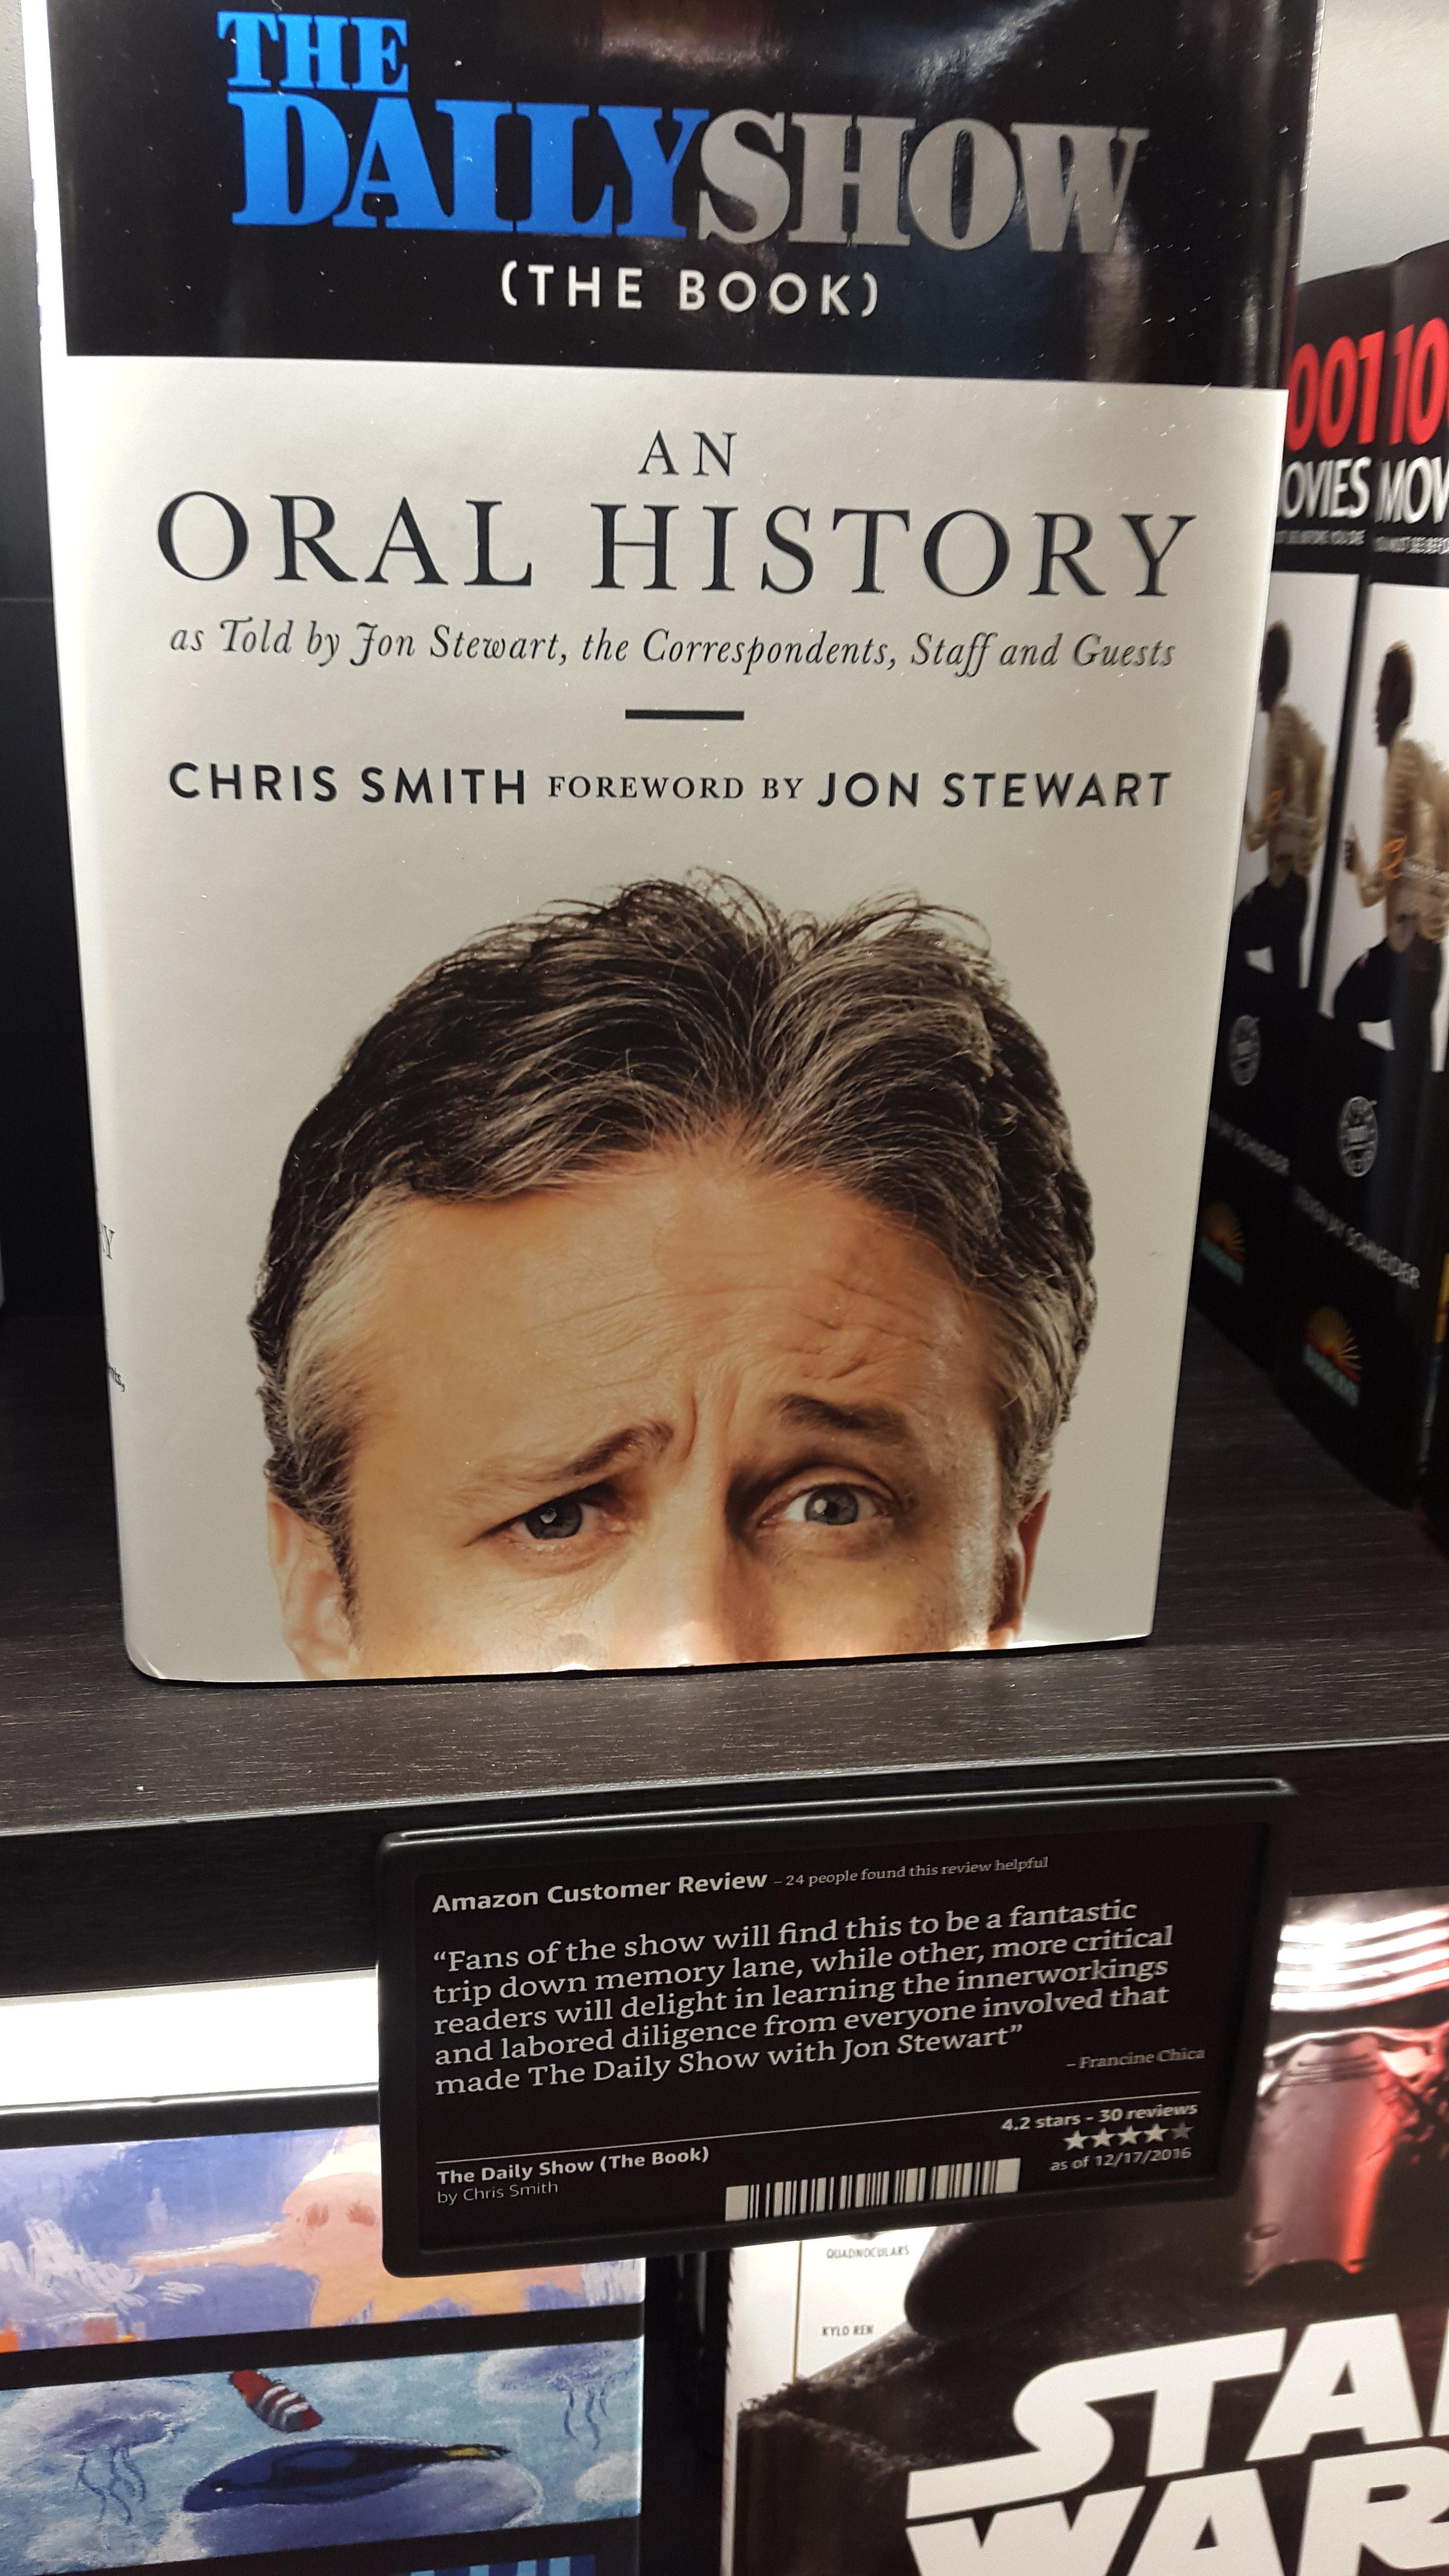 Het boek The Daily Show (The Book): An Oral History in de Amazon Book Store in New York. Met klantenrecensie in de schappen. Foto Hans Klis